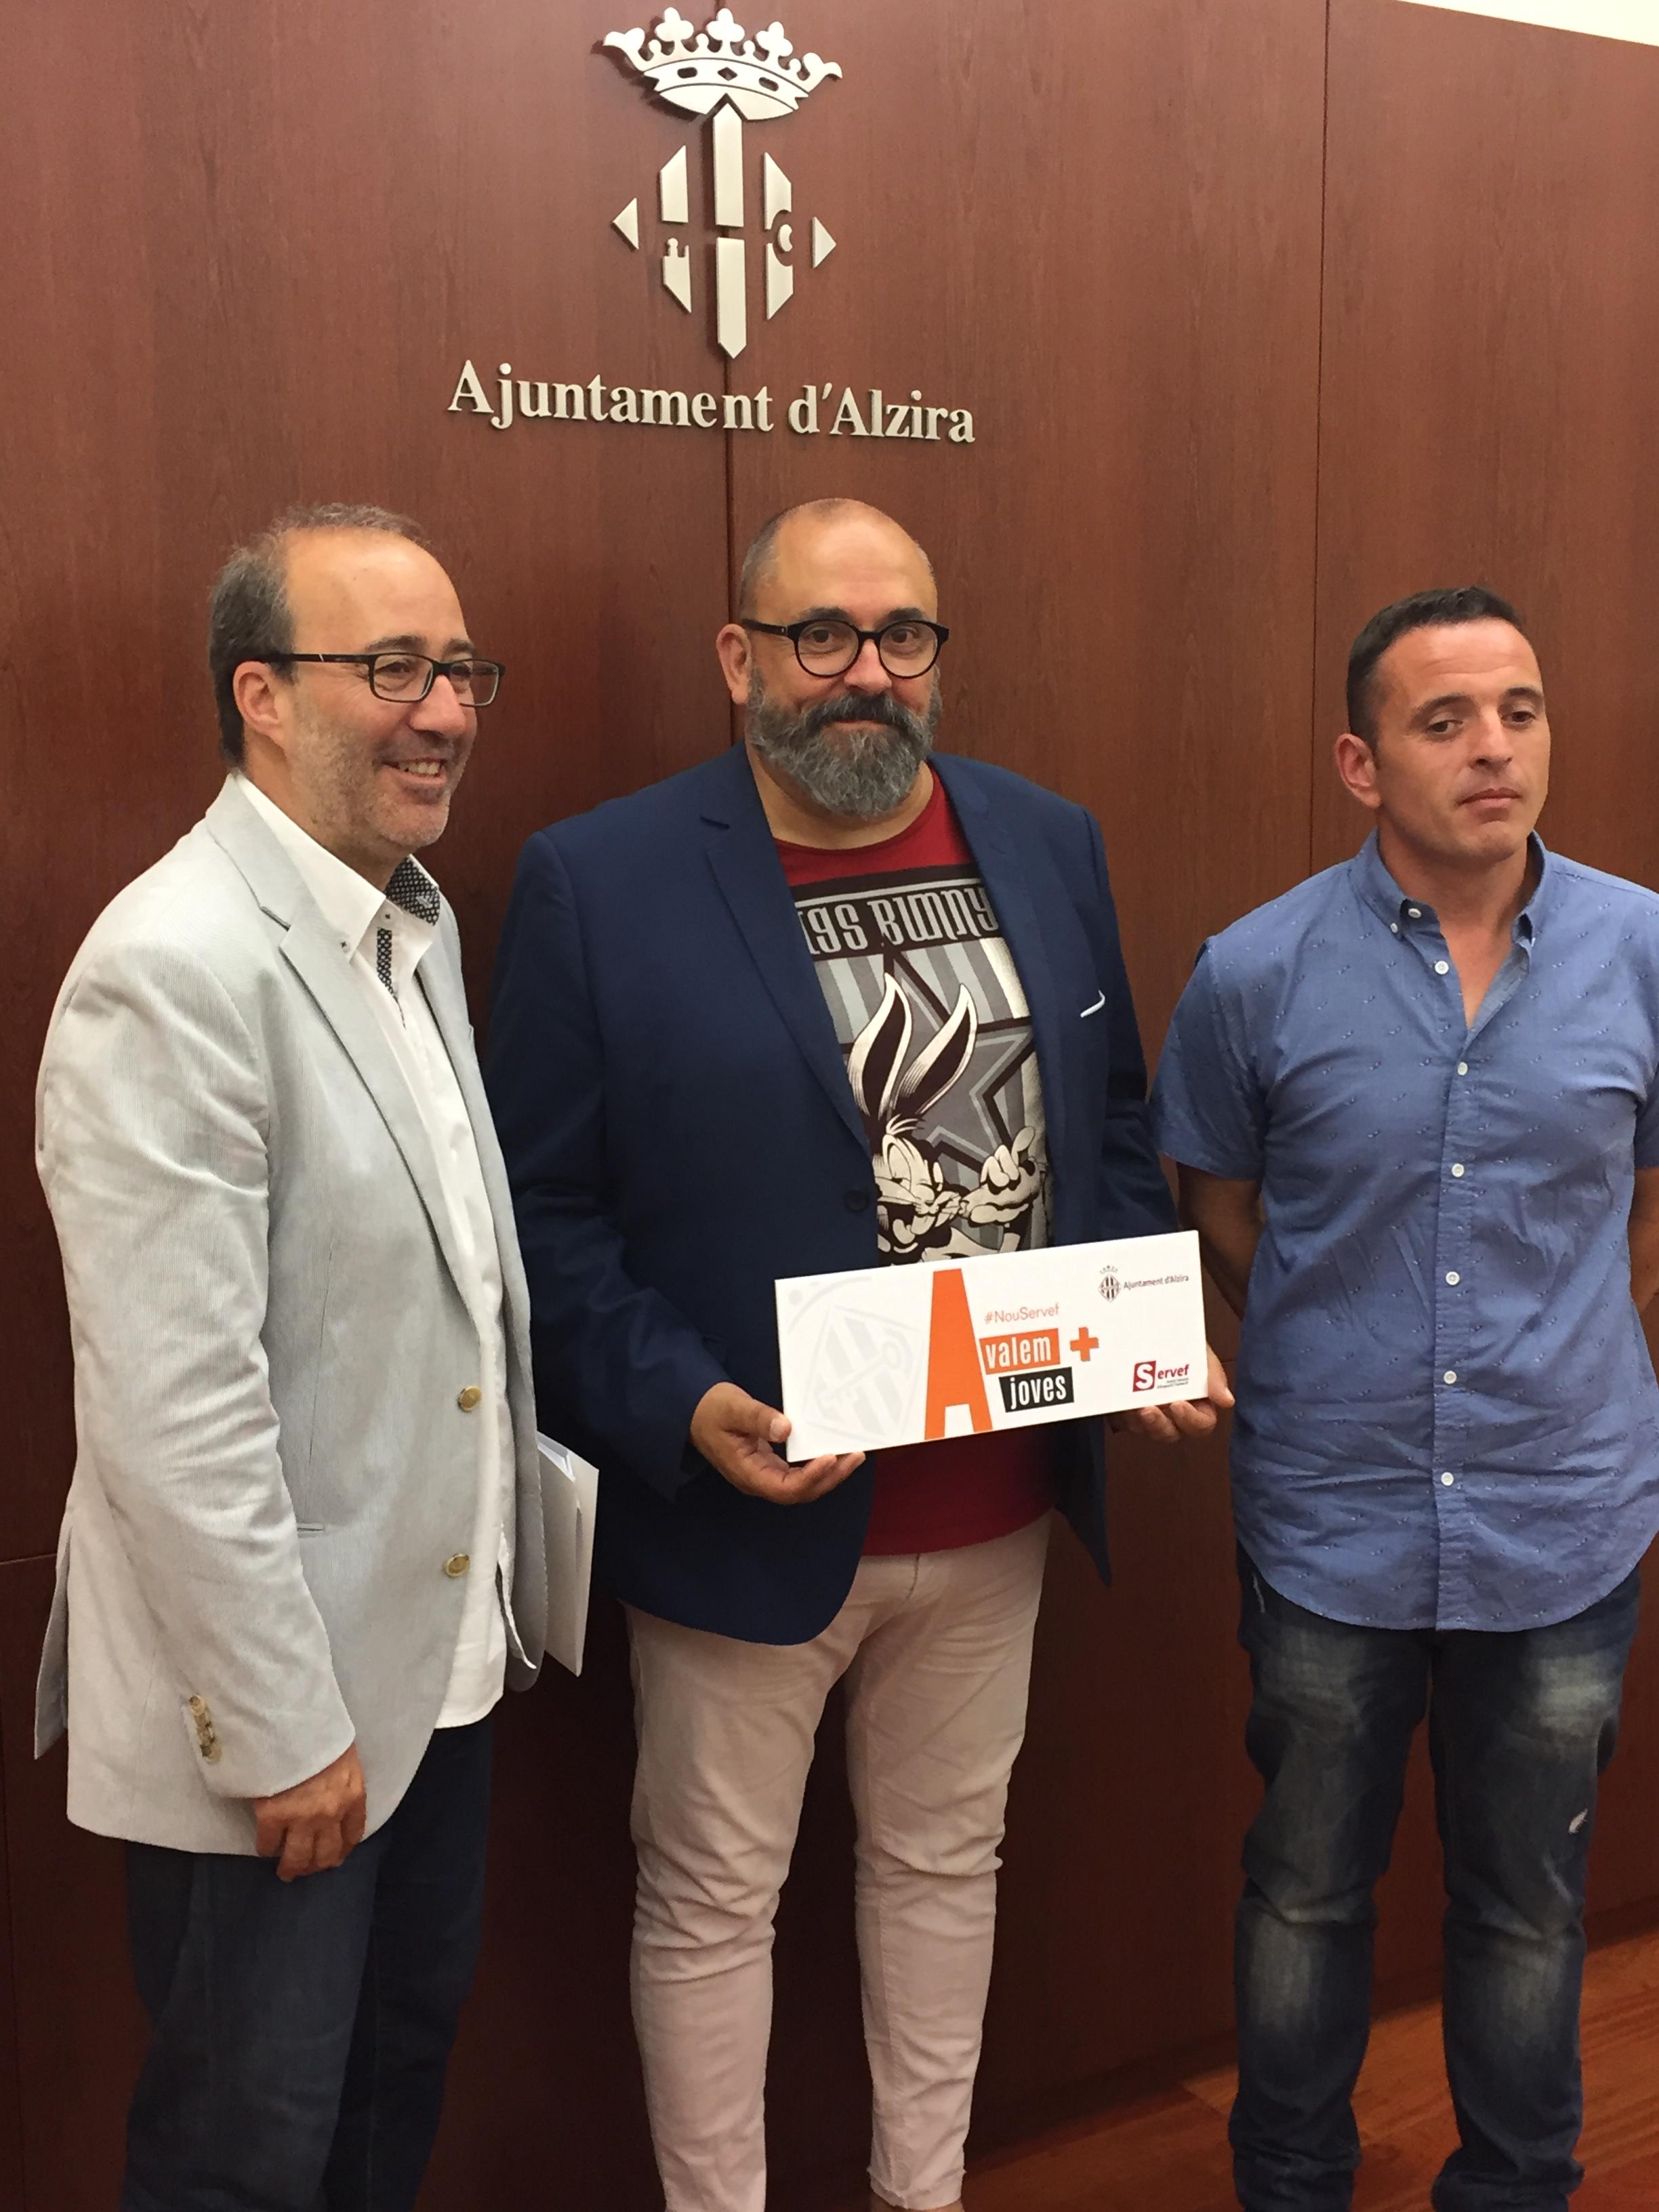 El secretari autonòmic d'Ocupació, Enric Nomdedéu, ha anunciat que els ajuntaments de la Ribera Alta contractaran a 140 joves aturats.